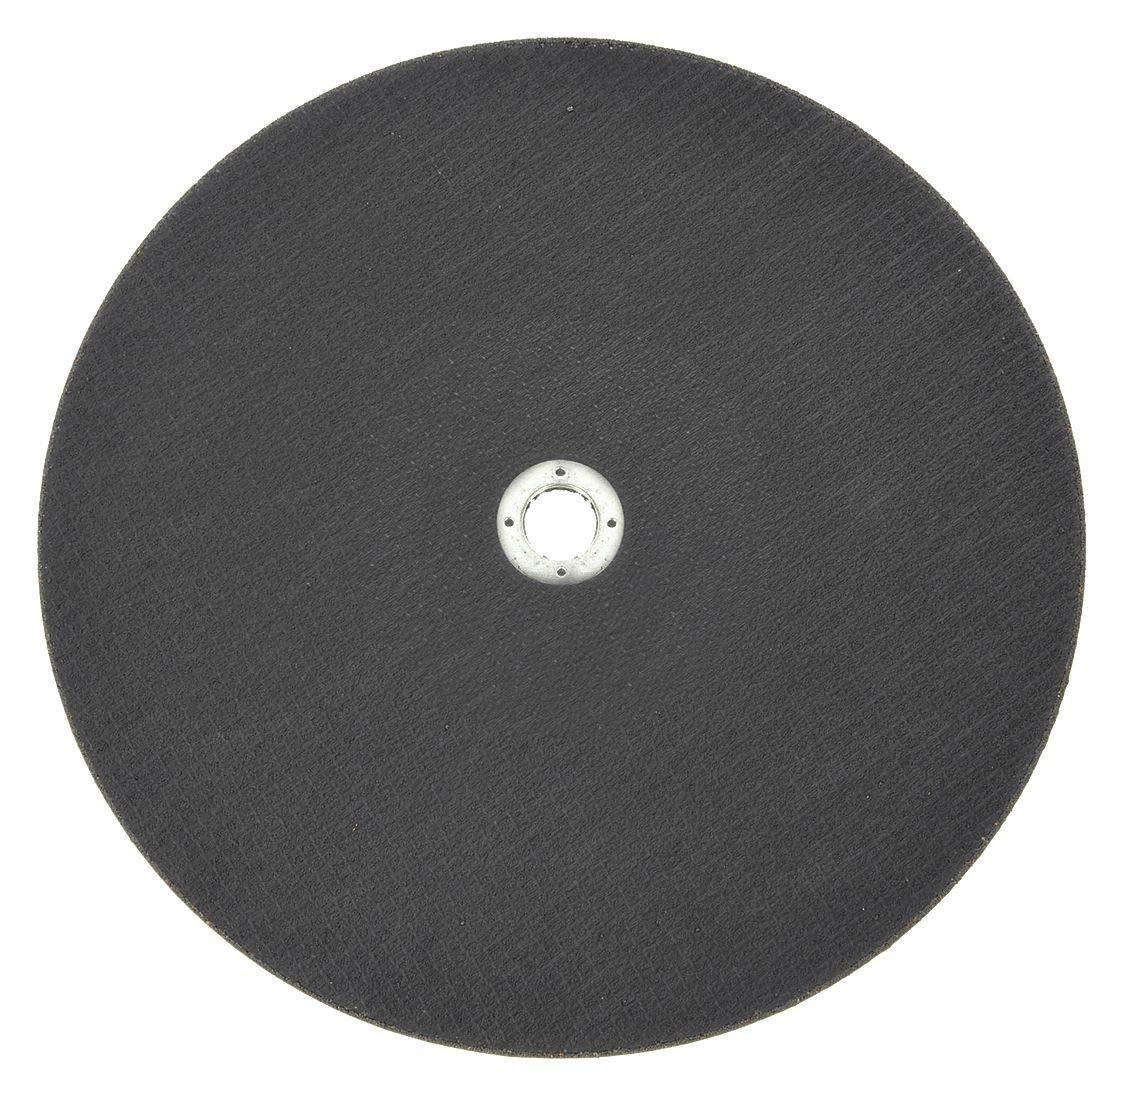 CutOff Wheel, A24R, 14